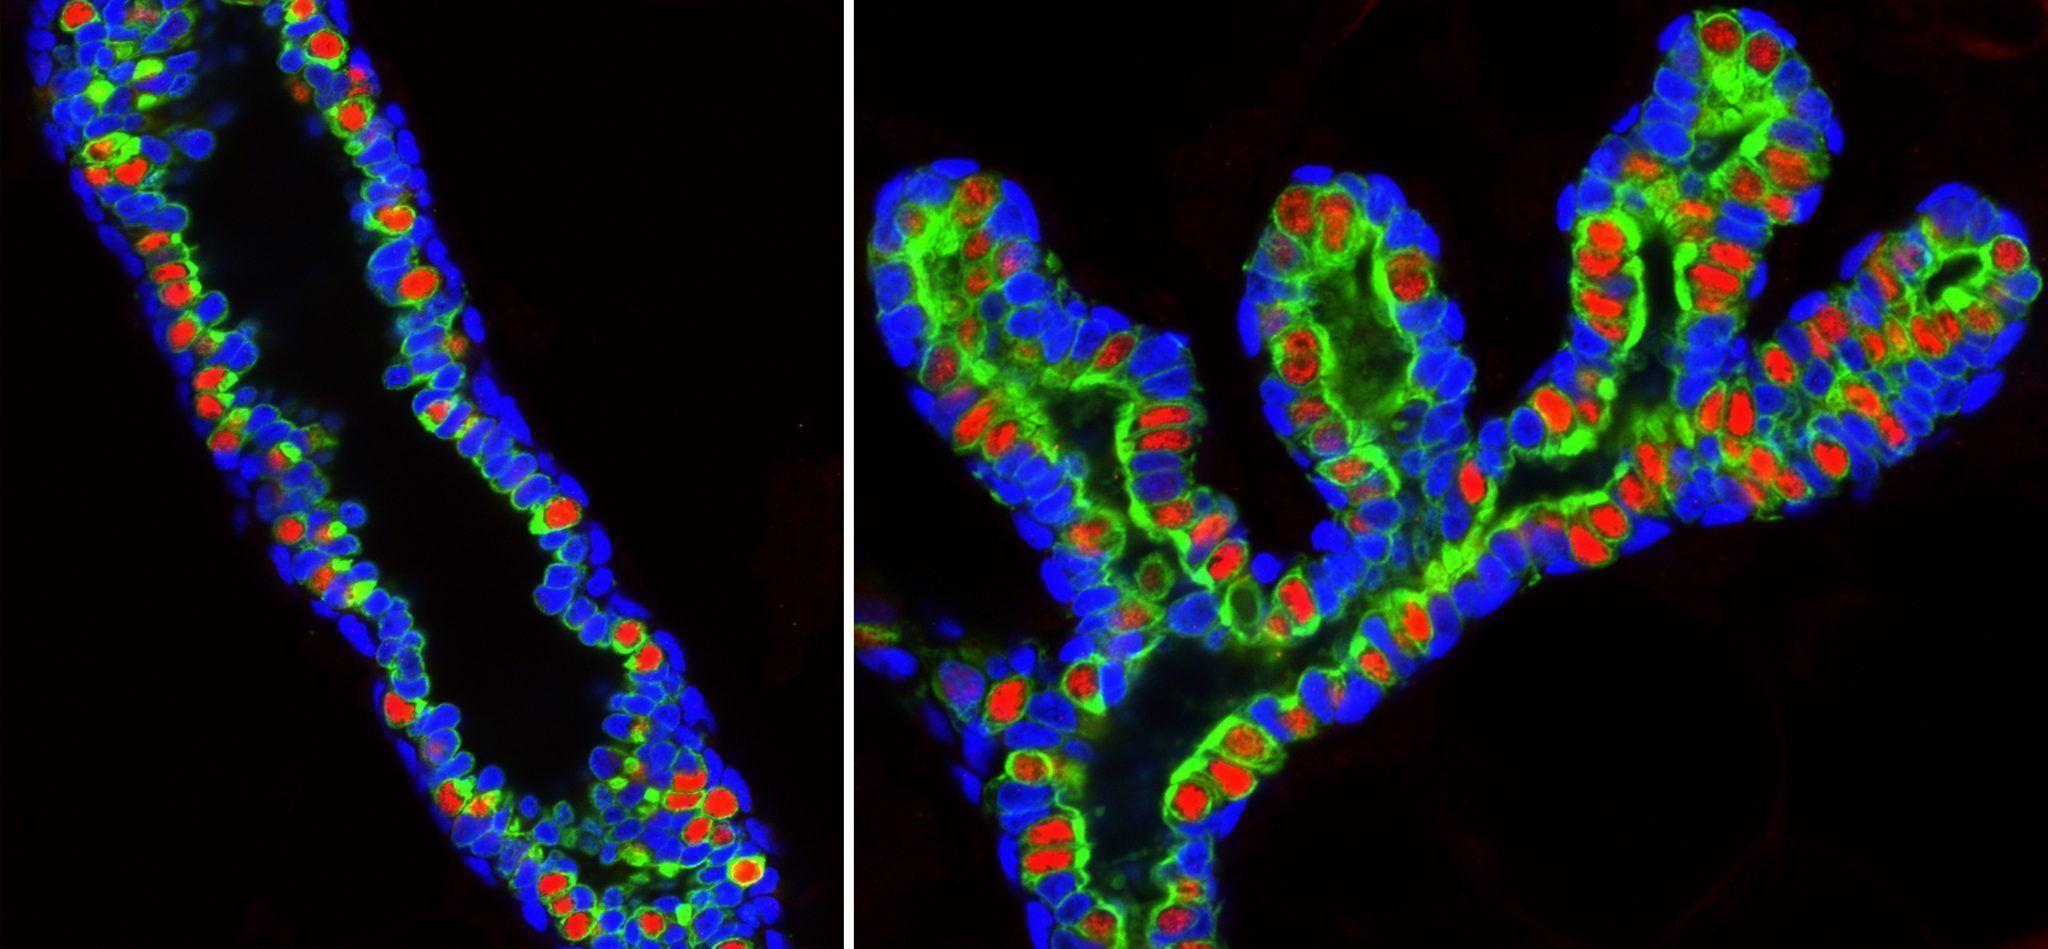 En la glándula mamaria, Sox10 (en azul) se expresa en las células con gran actividad de célula madre y no en las células maduras  (marcadas en rojo por la presencia del receptor de la progesterona). Imagen cortesía del Salk Institute for Biological Studies.